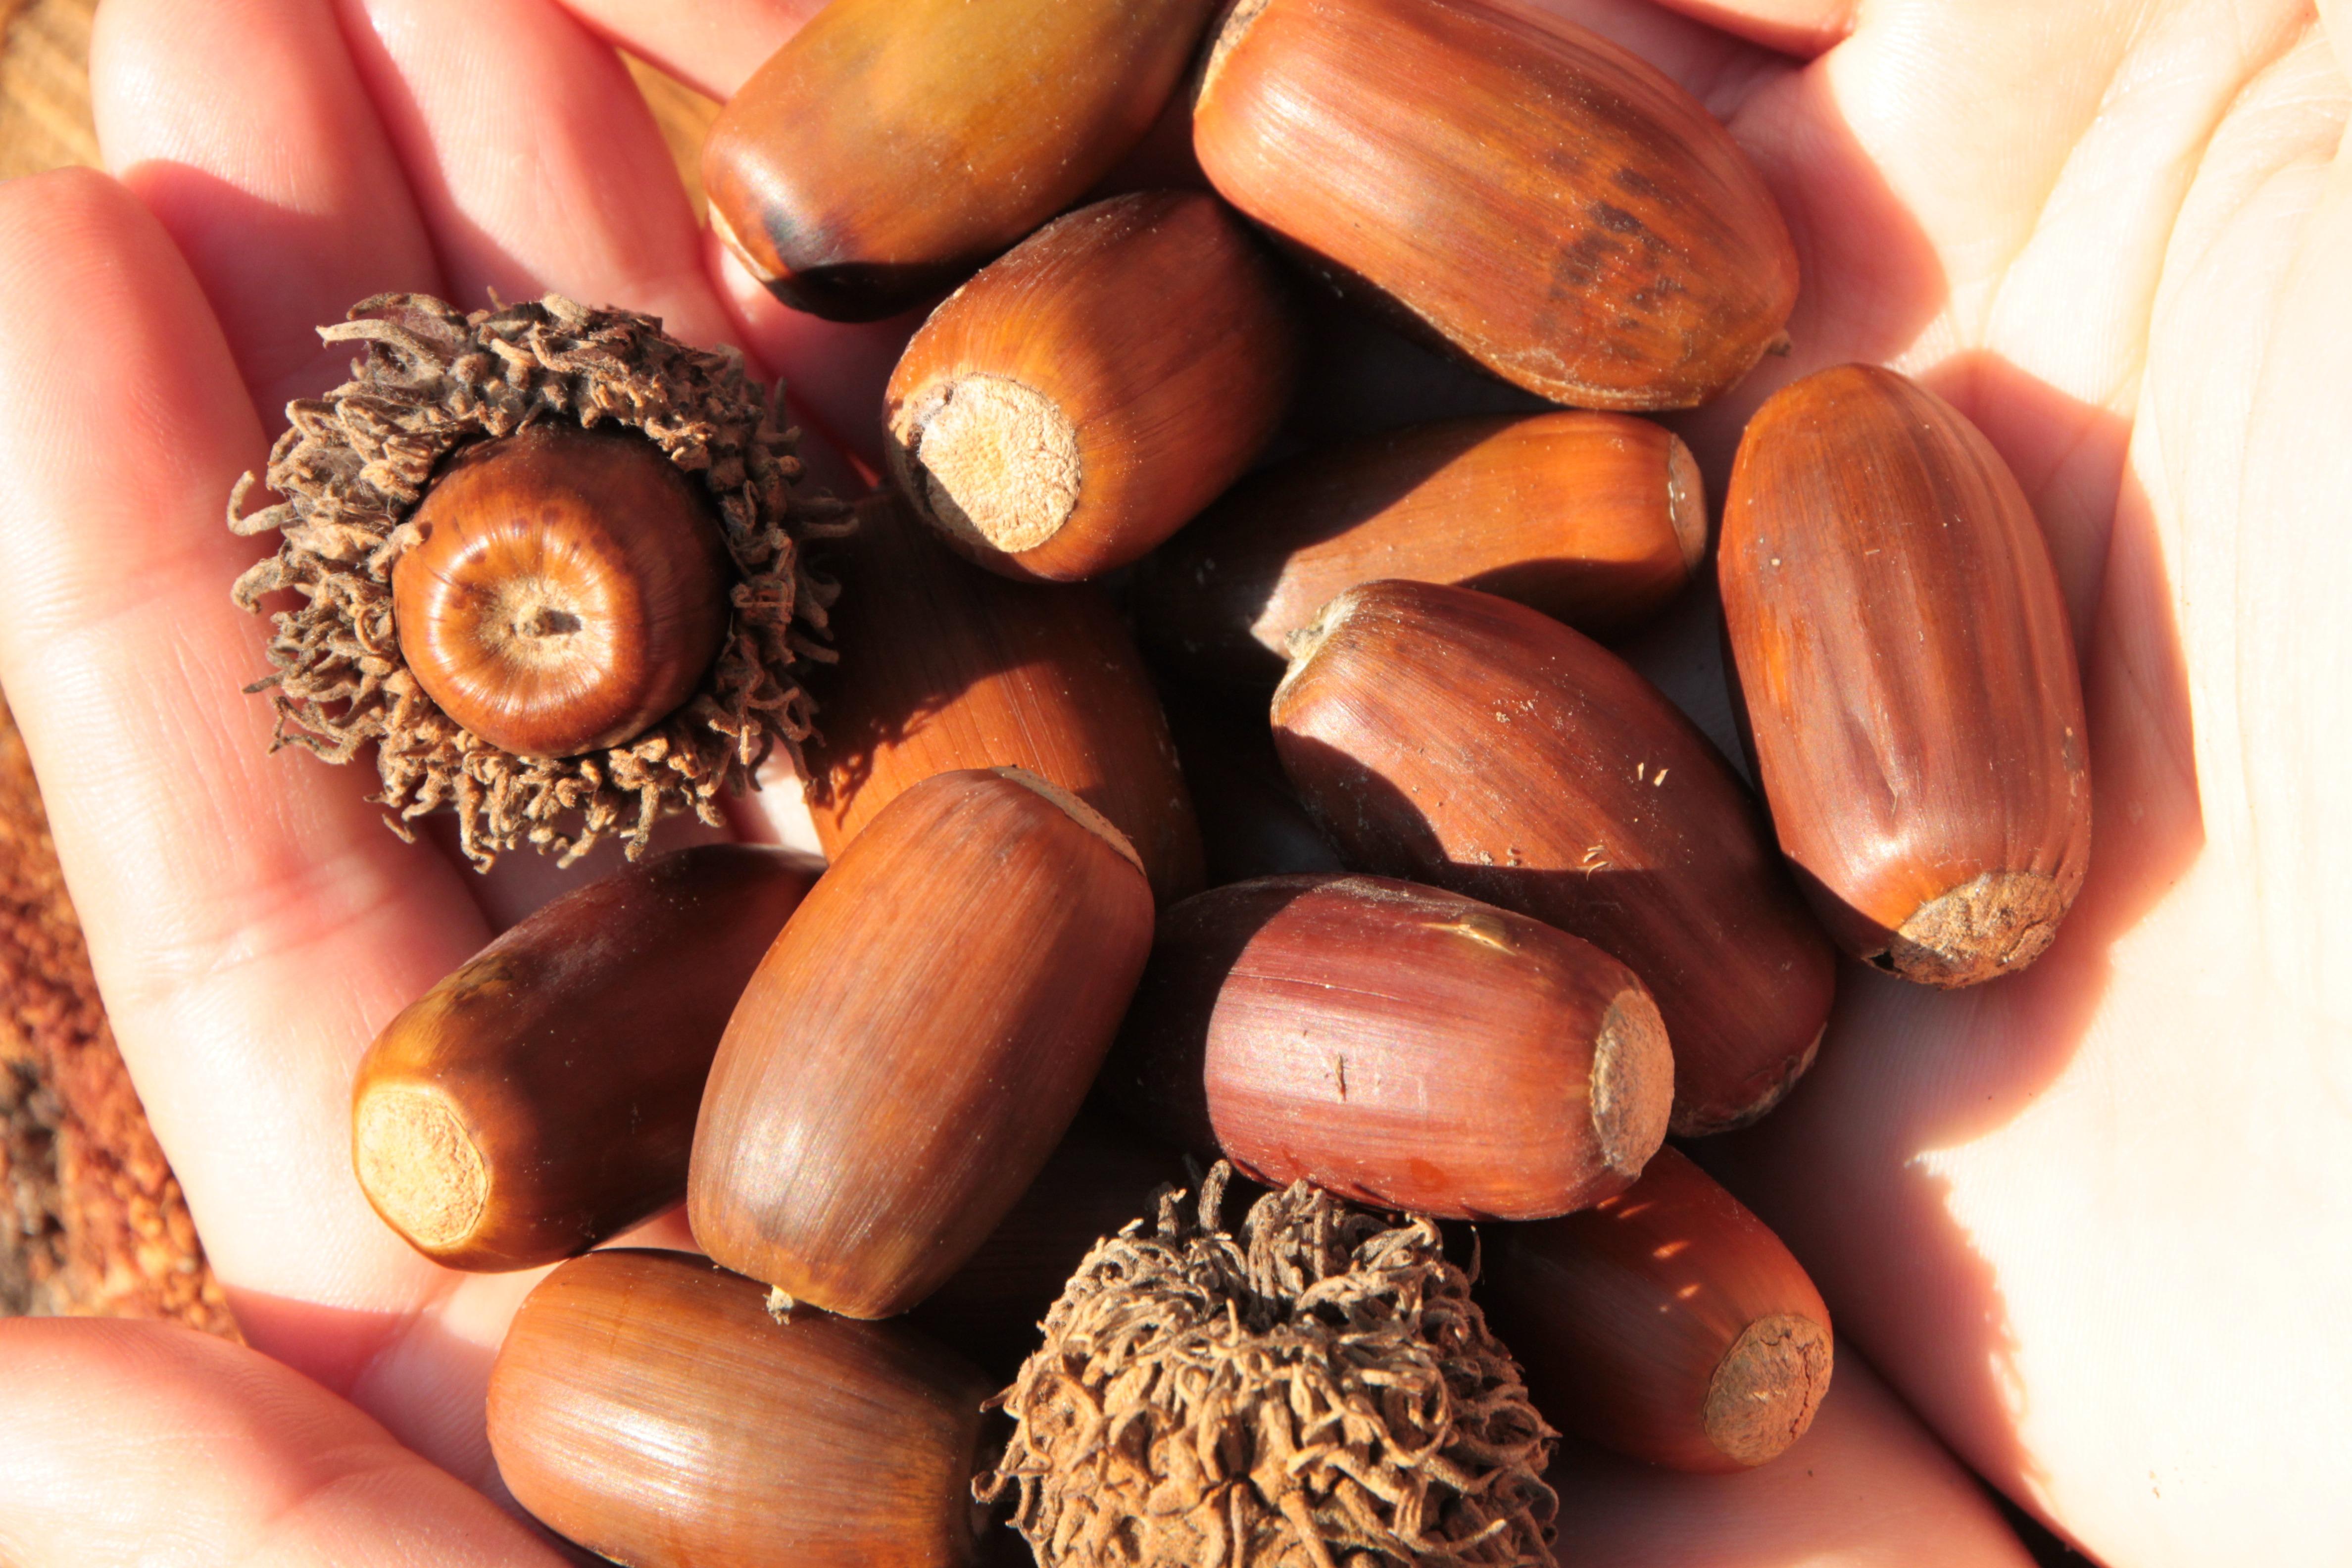 hình ảnh : thiên nhiên, ngã, món ăn, Sản xuất, rau, cây, dừa, gỗ, Cây sồi,  Acorns, Quả dâm hạch, hạt dẻ, thực vật có hoa, củ hẹ, Nhà máy đất, ...